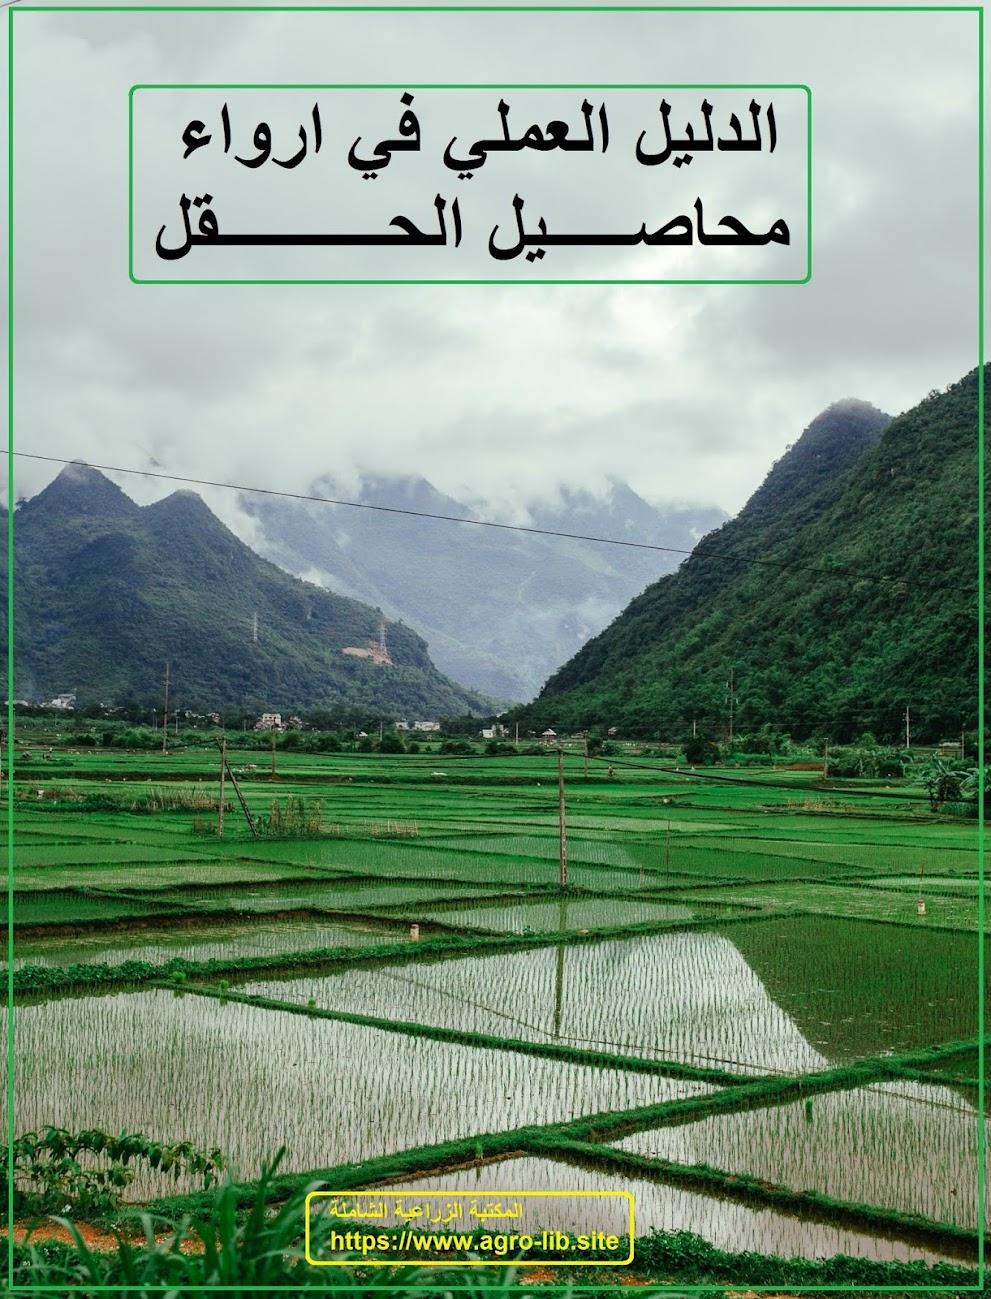 كتاب : الدليل العملي في ارواء محاصيل الحقل